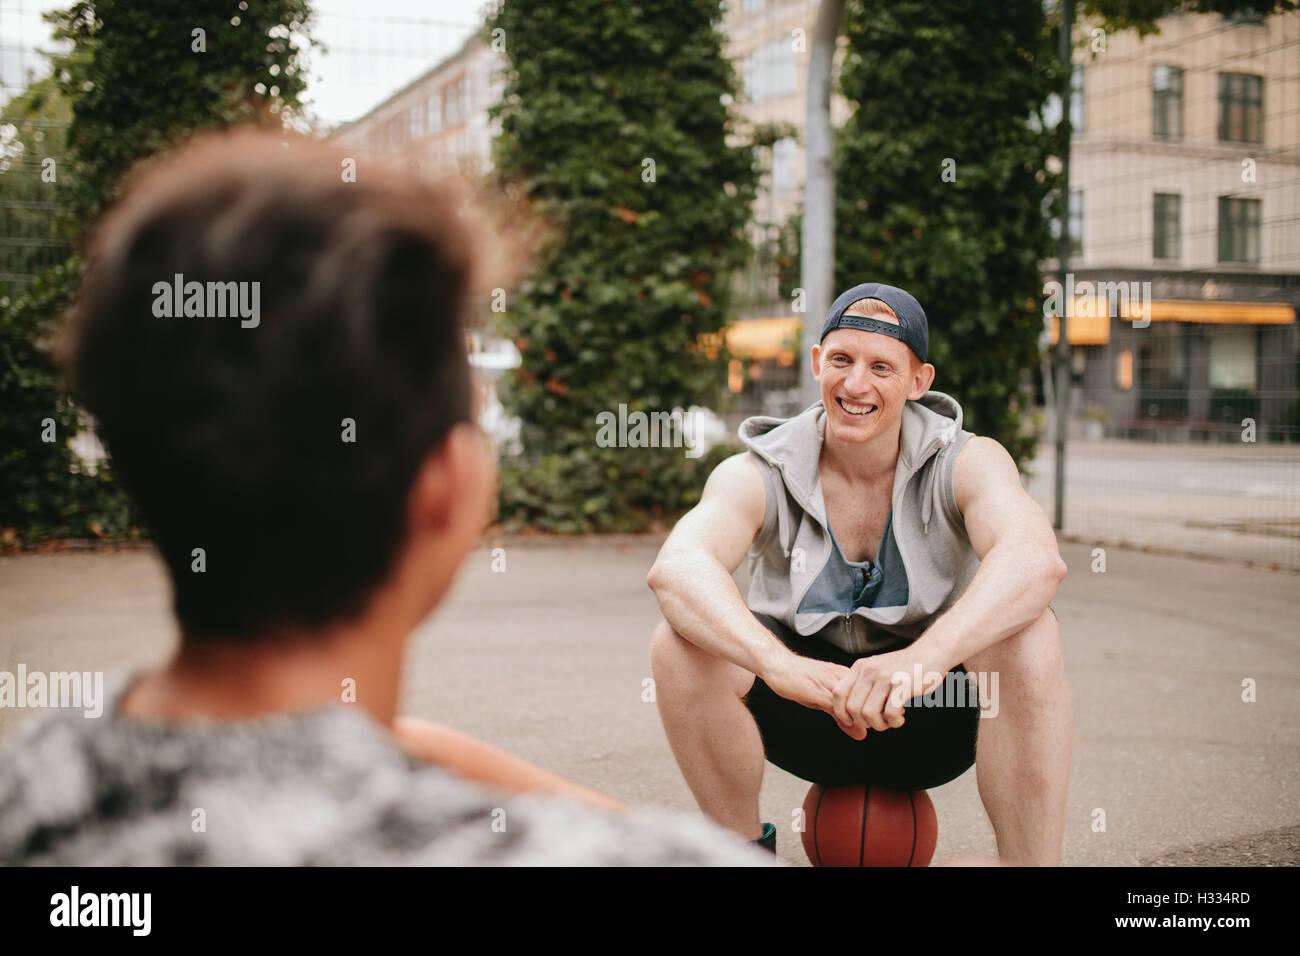 Lächelnden jungen Kerl sitzt am Basketballplatz und im Gespräch mit Freund. Entspannung nach dem Spiel Stockbild